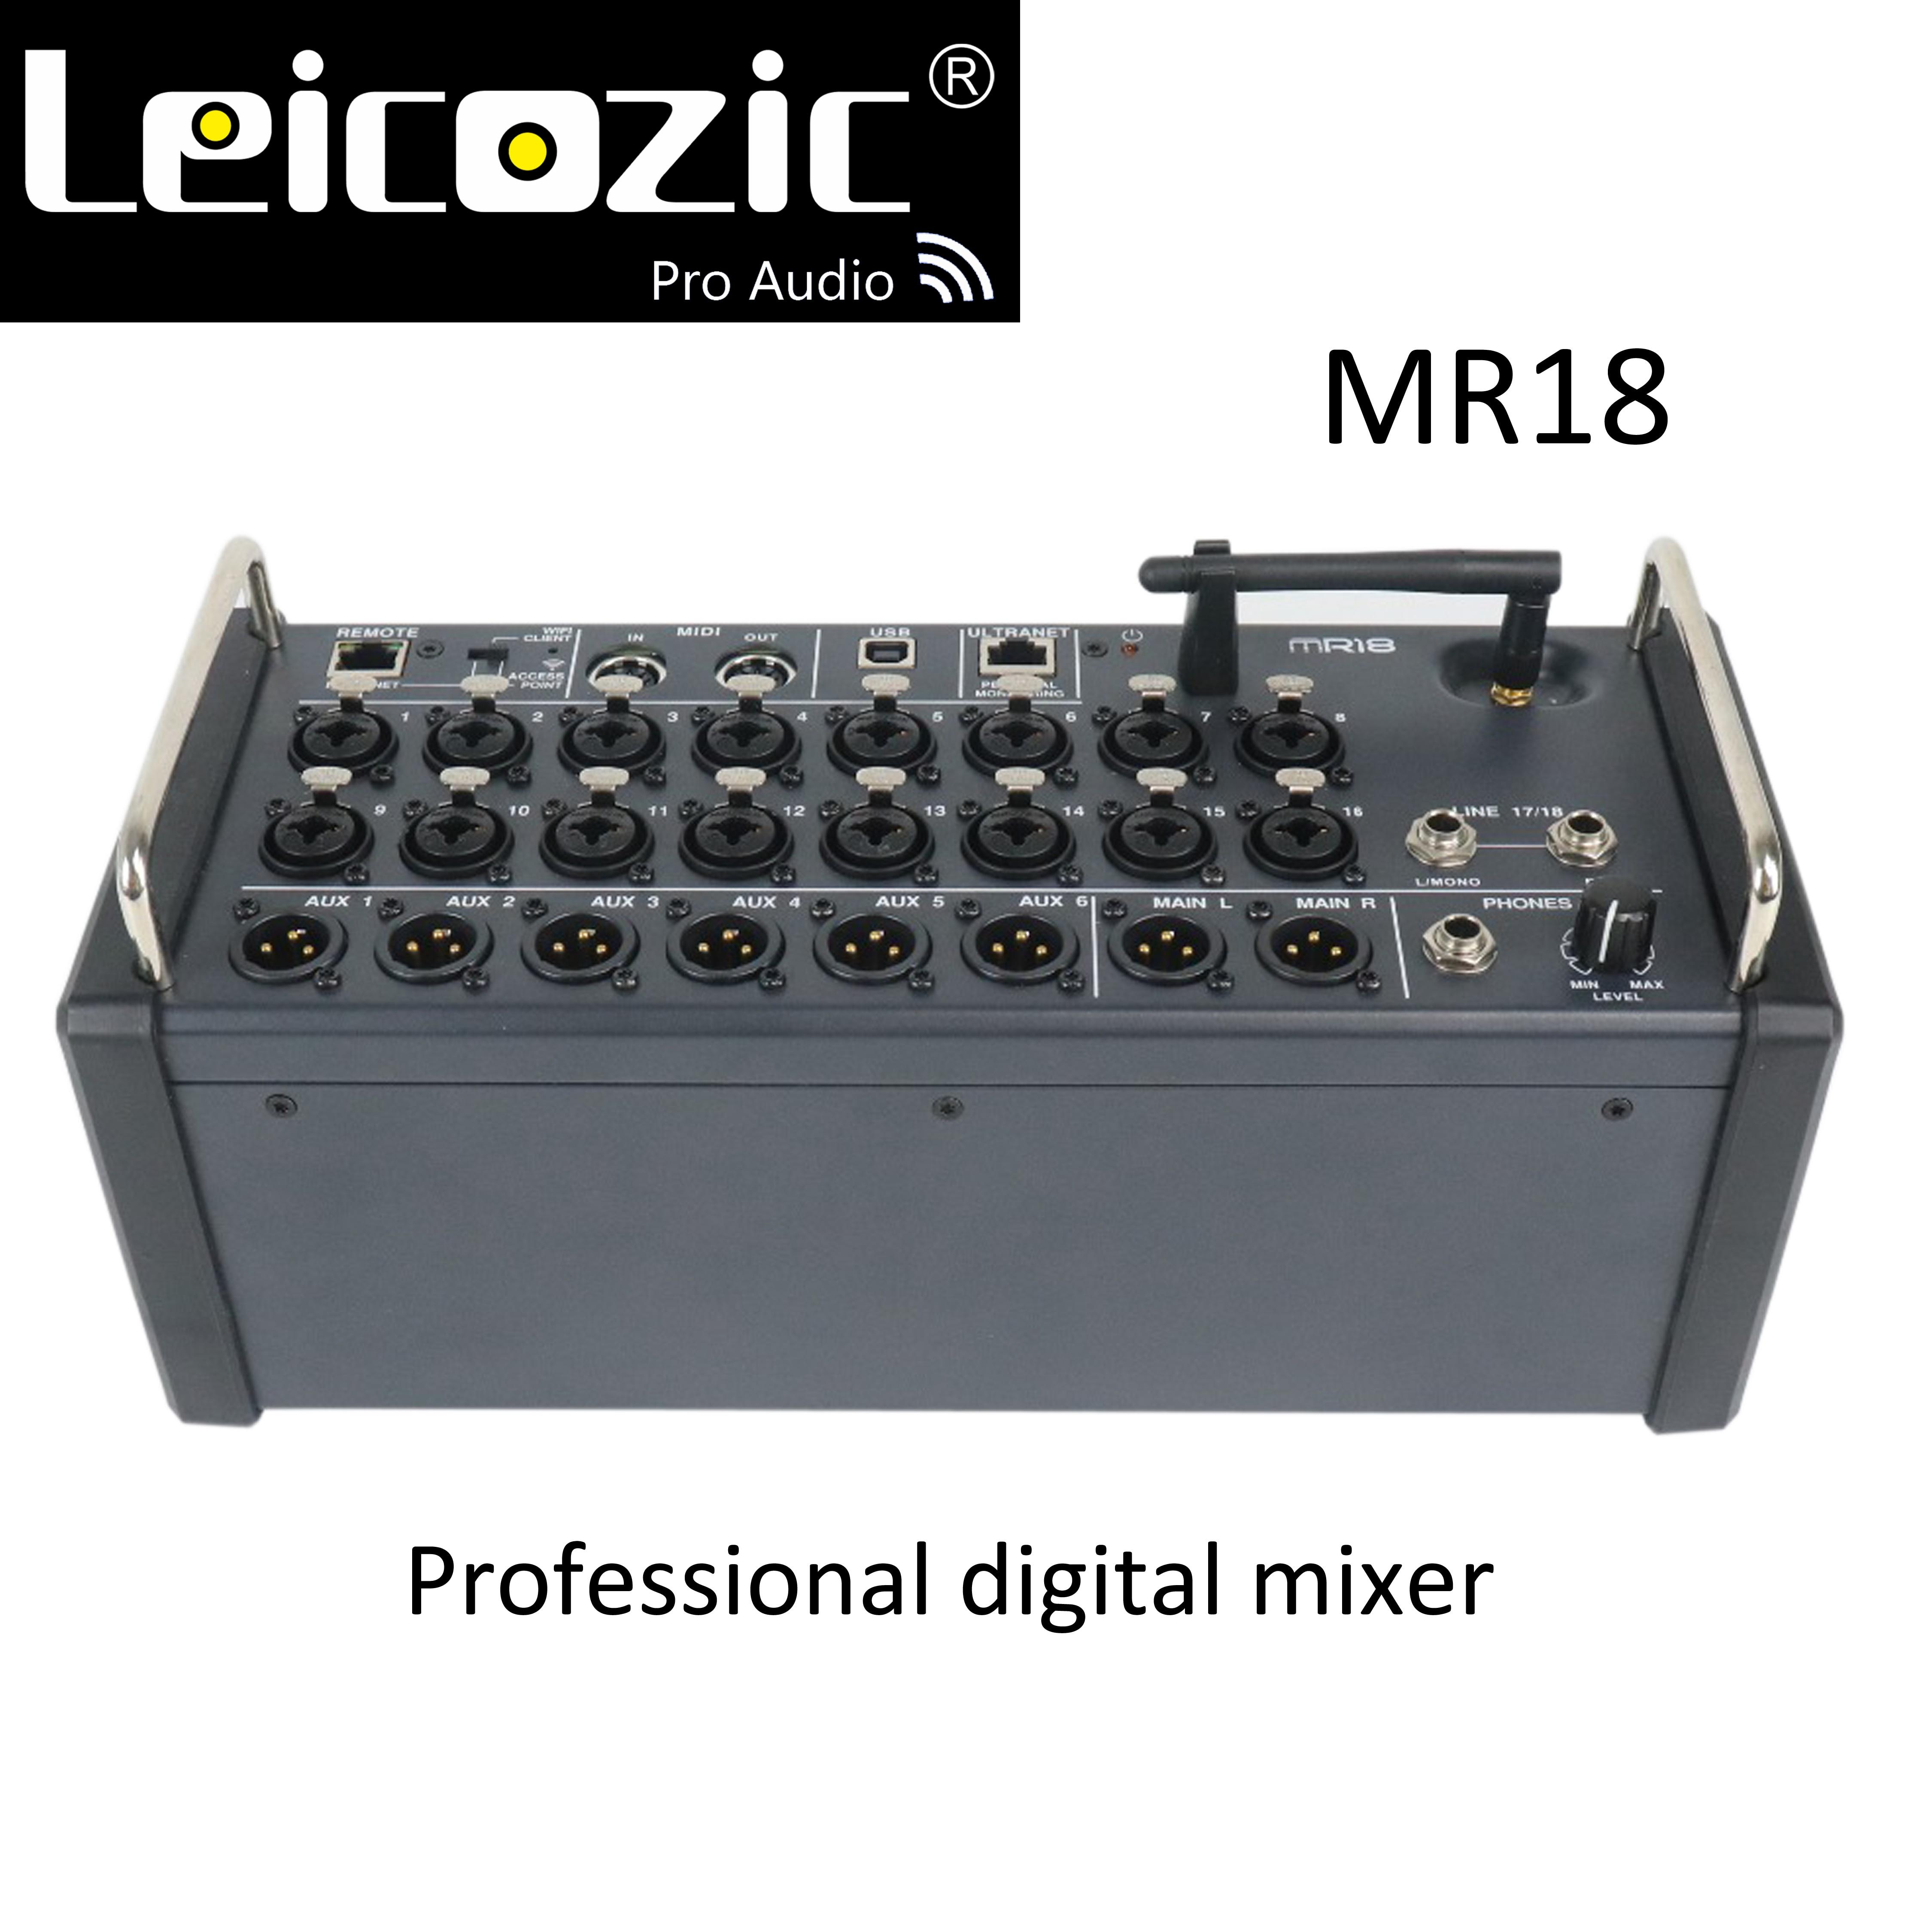 Leicozic MR18 console de mixage numérique 18 entrées pour tablettes iPad/Android avec 16 préamplis PRO, Wifi intégré et USB multicanaux